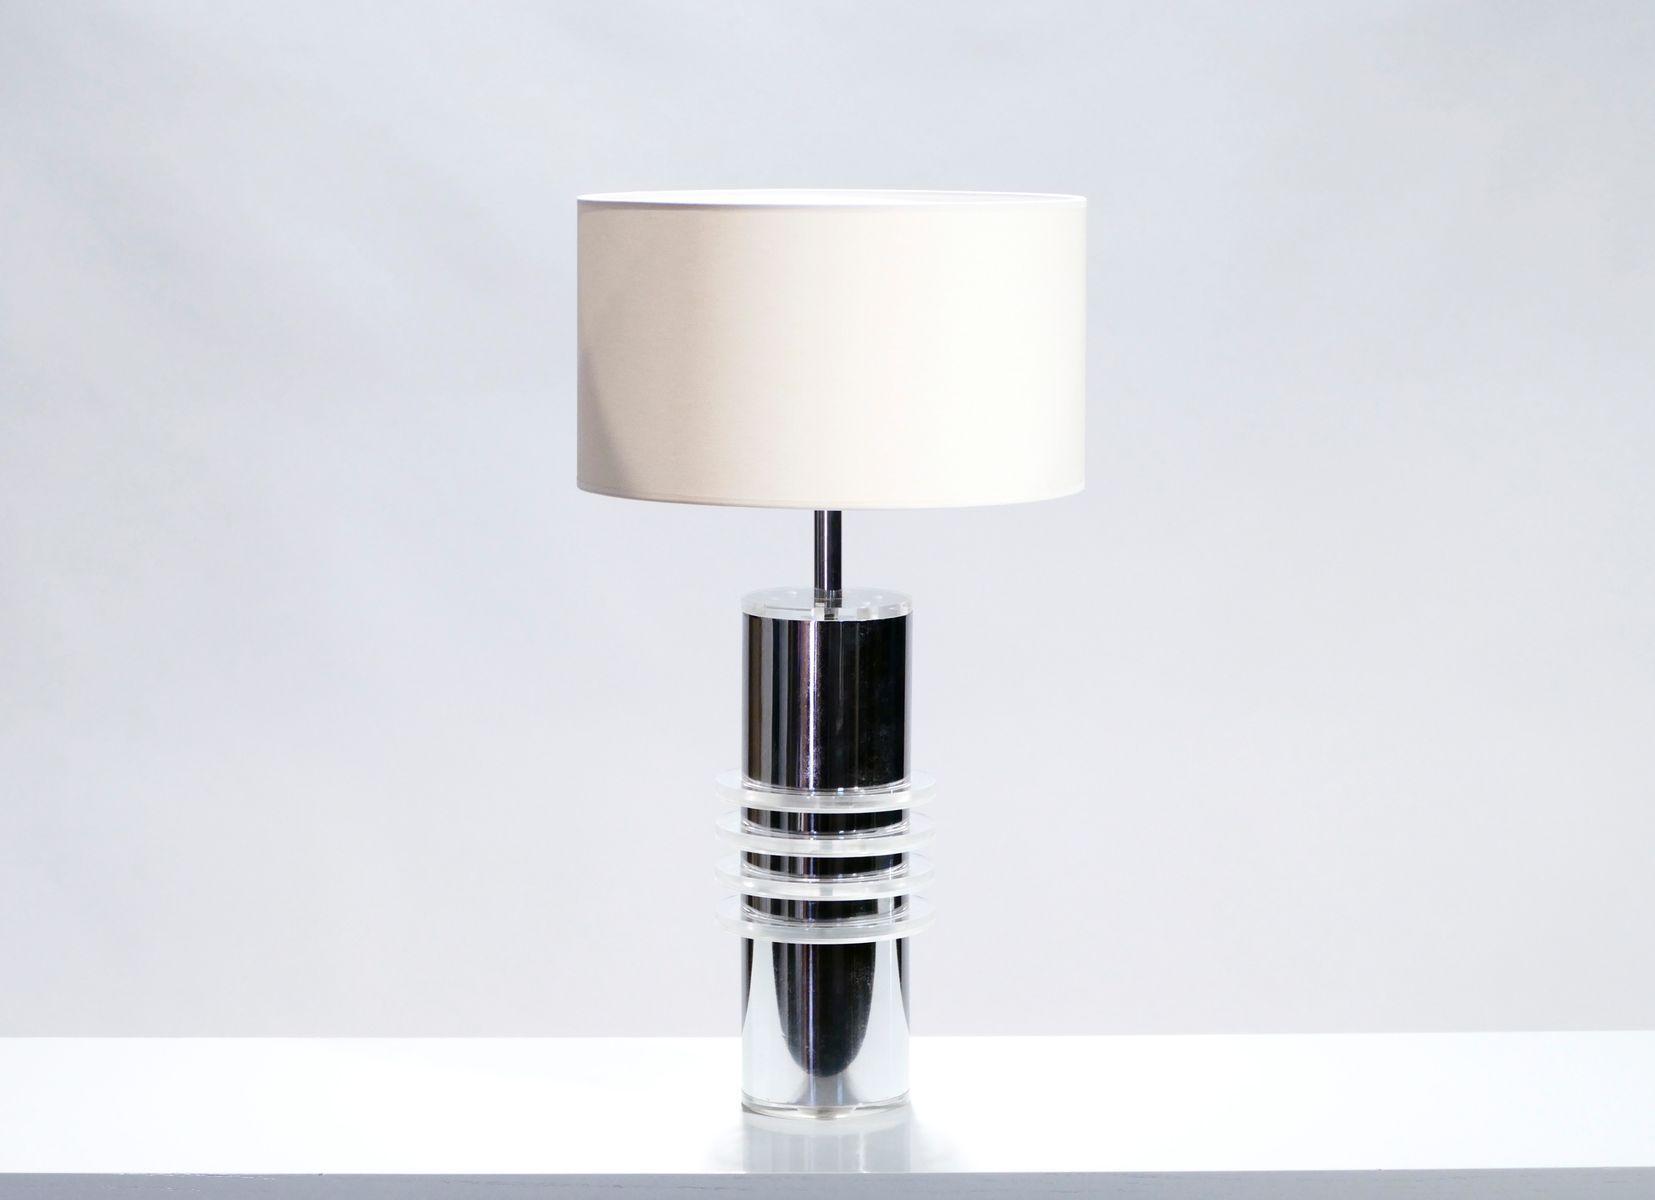 Grau Nachttischlampen Tischleuchte Led Ring Tischleuchten Gunstig Kaufen Led Lampen Gunstig Kaufen Led Leuchten Wohnzi Lampe Lampen Gunstig Tischlampen